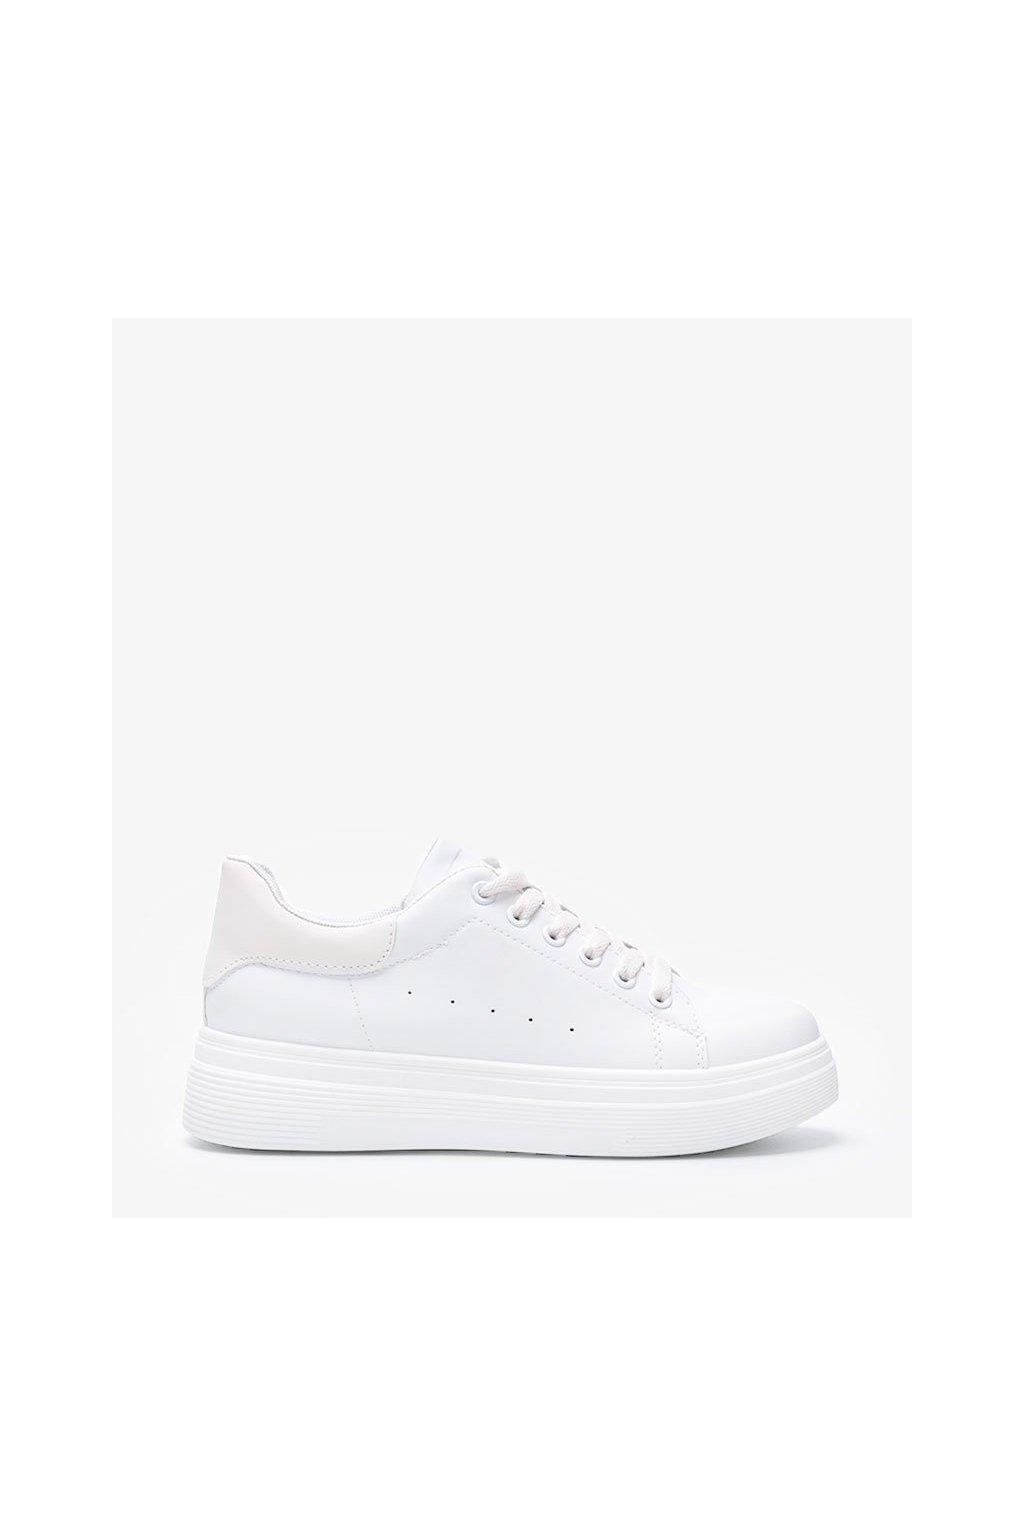 Dámske topánky tenisky biele kód 8112 - GM